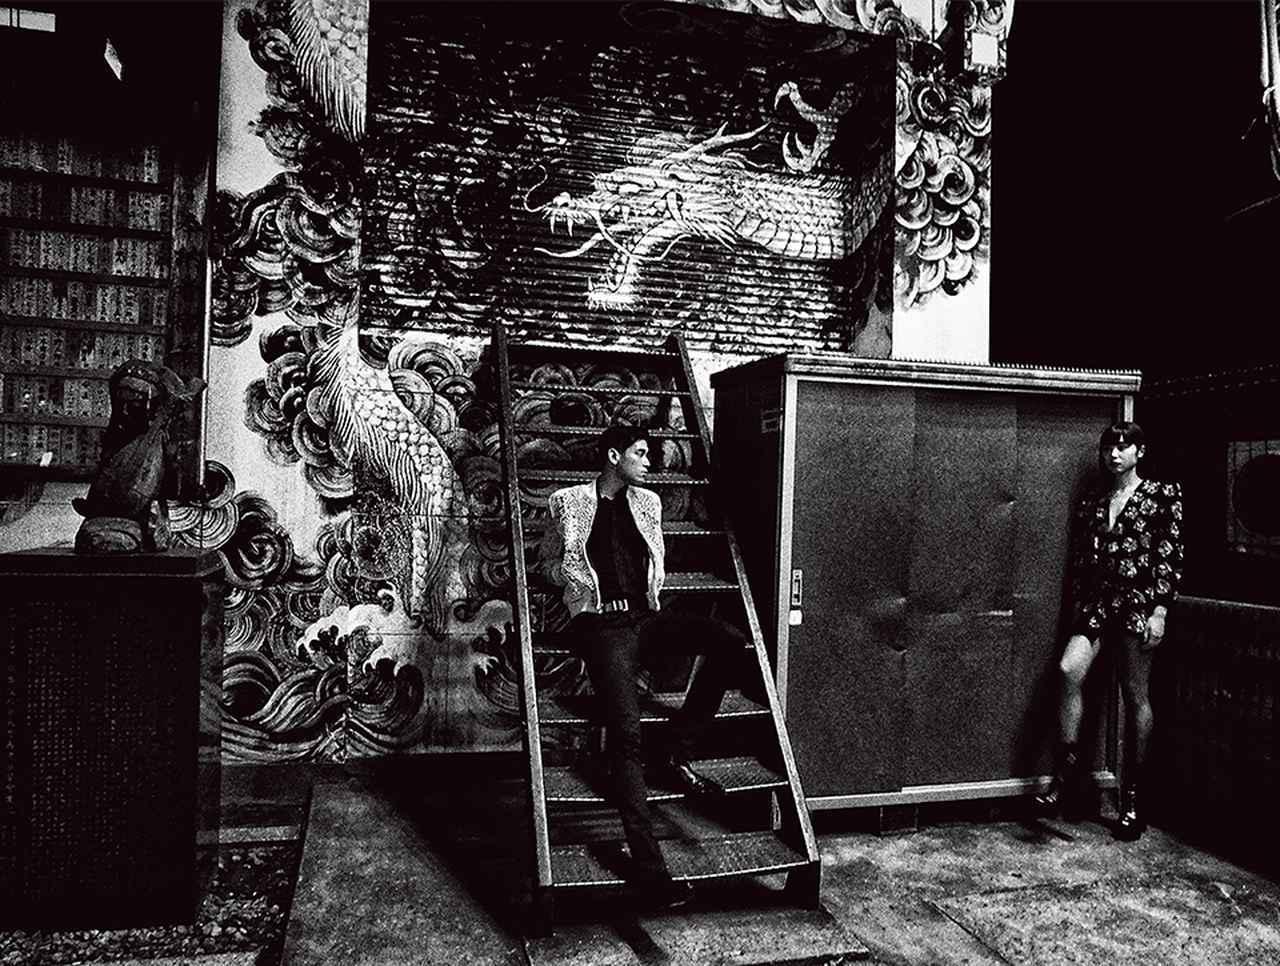 画像: 「SELF」の展示のため、新宿・歌舞伎町でサンローランのモデル撮影がおこなわれた 「SAINT LAURENT SELF 01: DAIDO MORIYAMA」2018年 © DAIDO MORIYAMA PHOTO FOUNDATION / COURTESY OF SAINT LAURENT